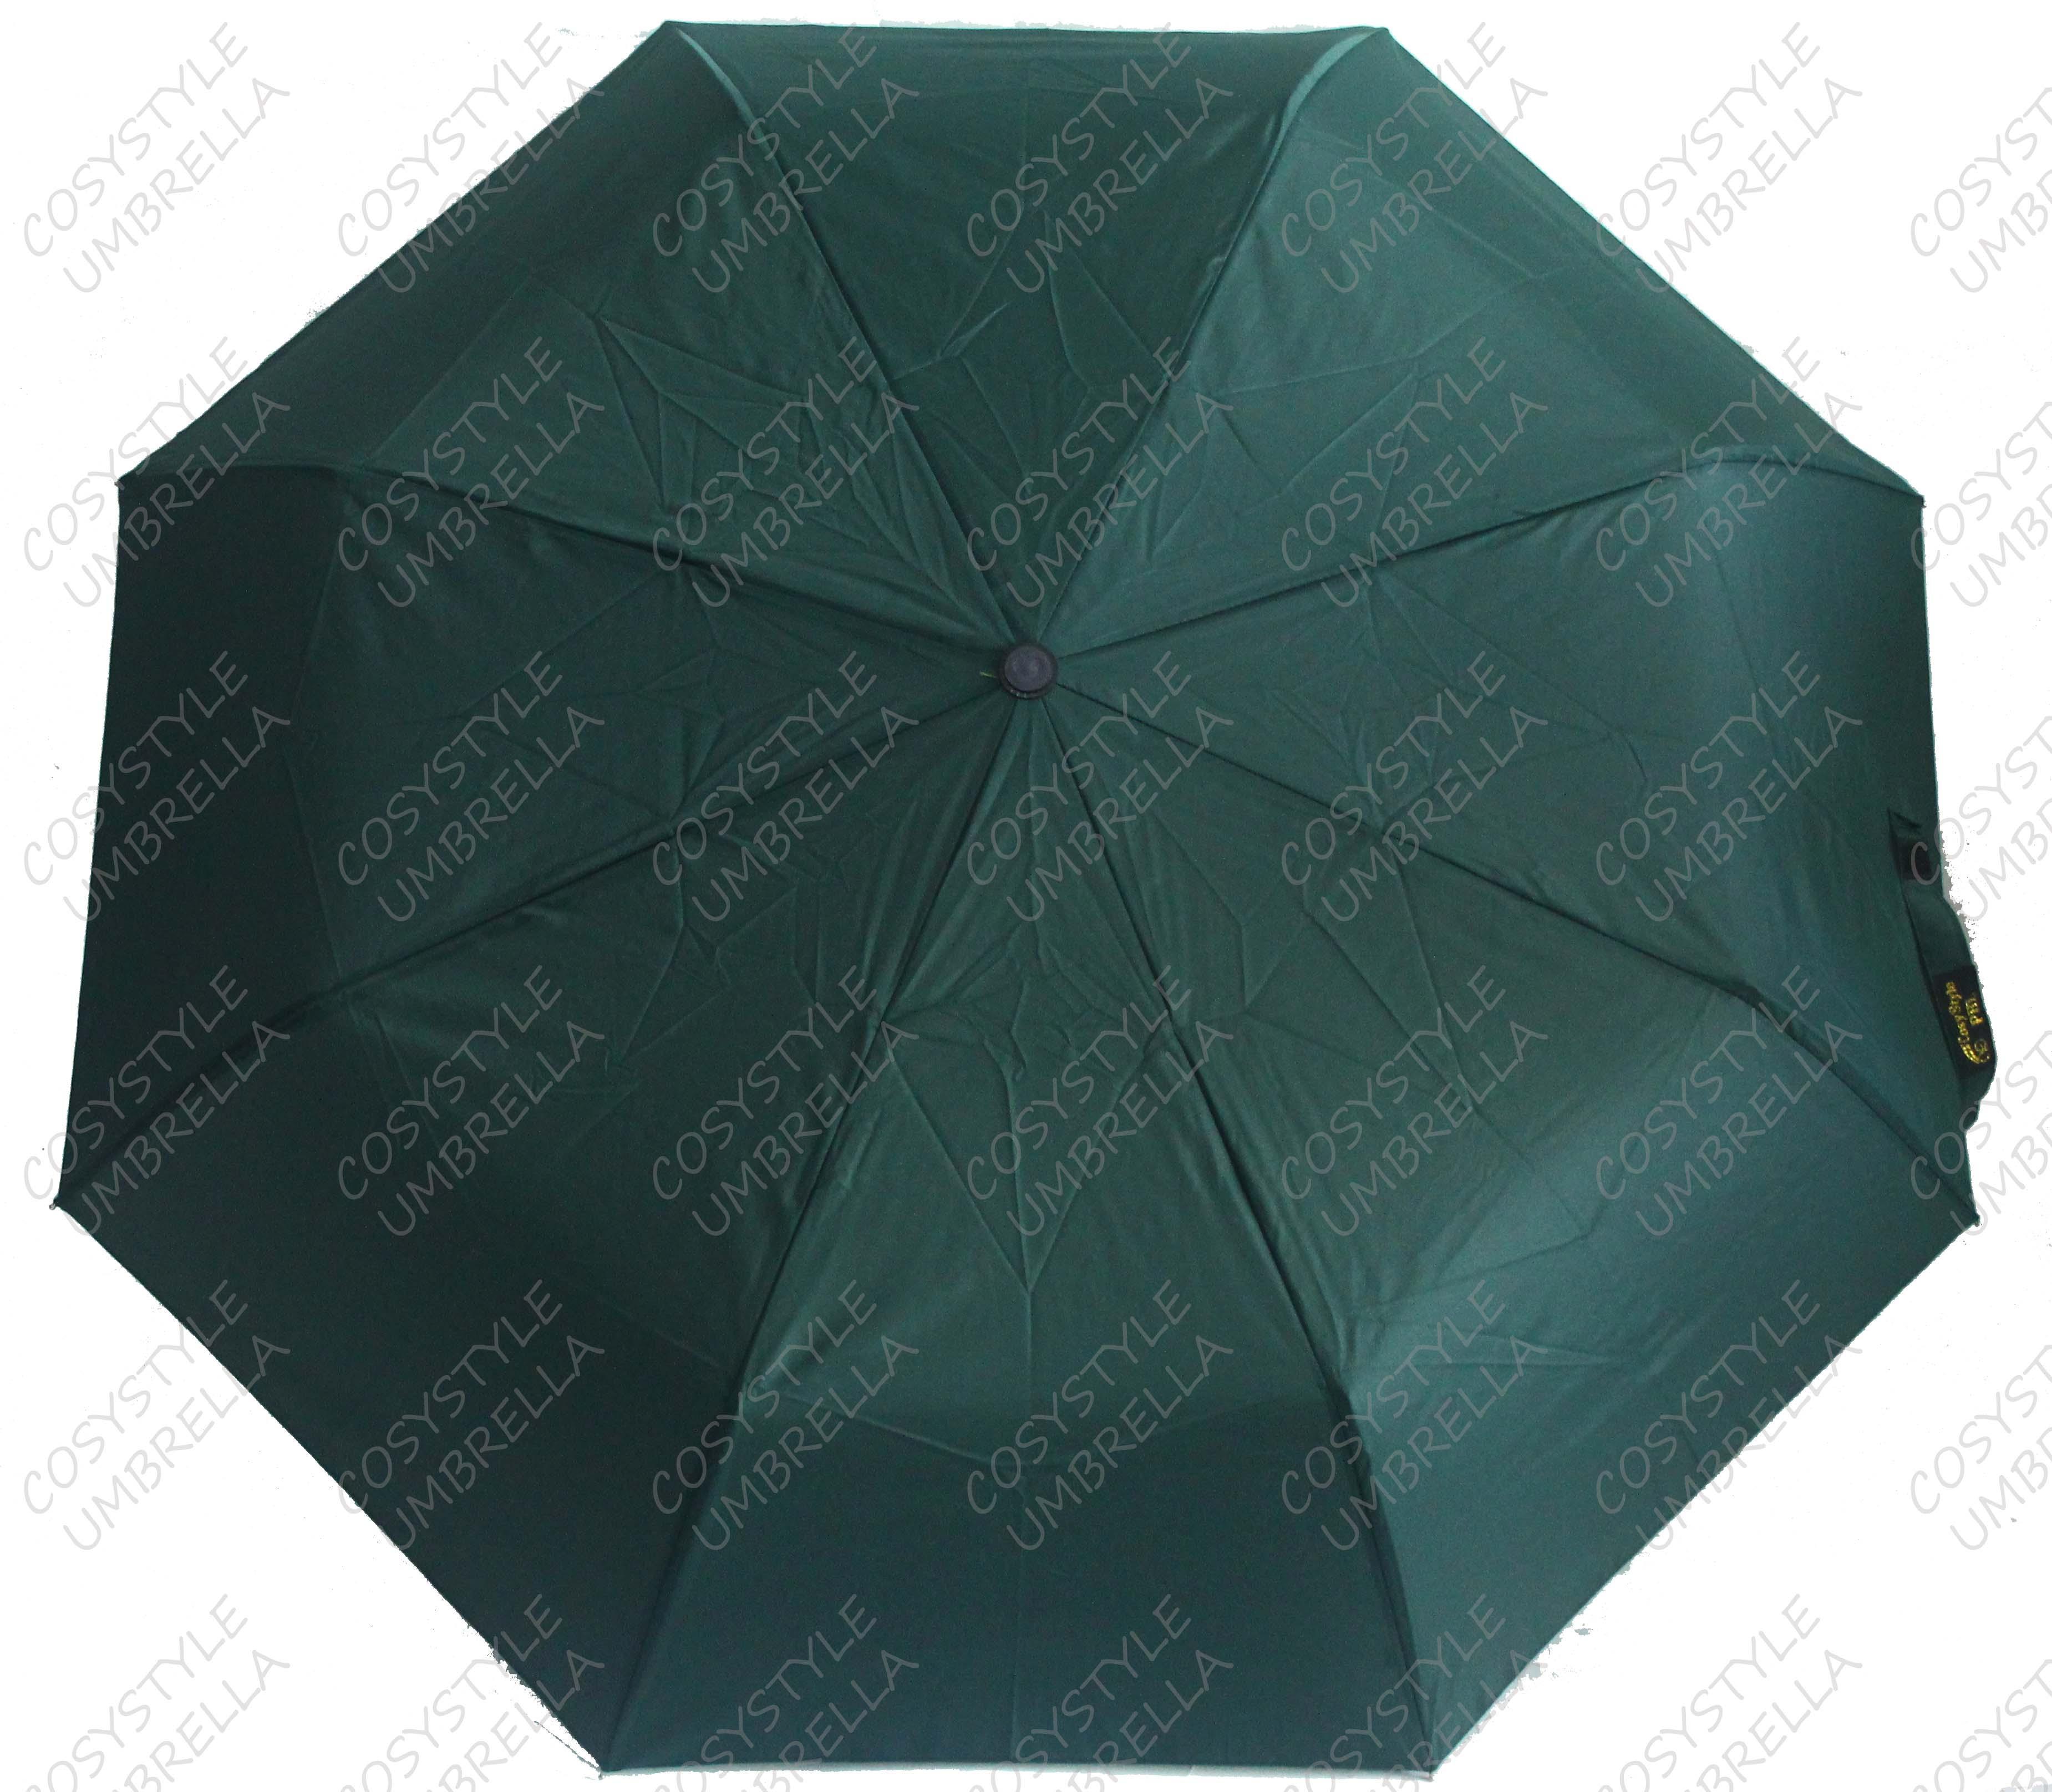 55e9366fd Womens Umbrellas for sale - Umbrellas for Women online brands ...